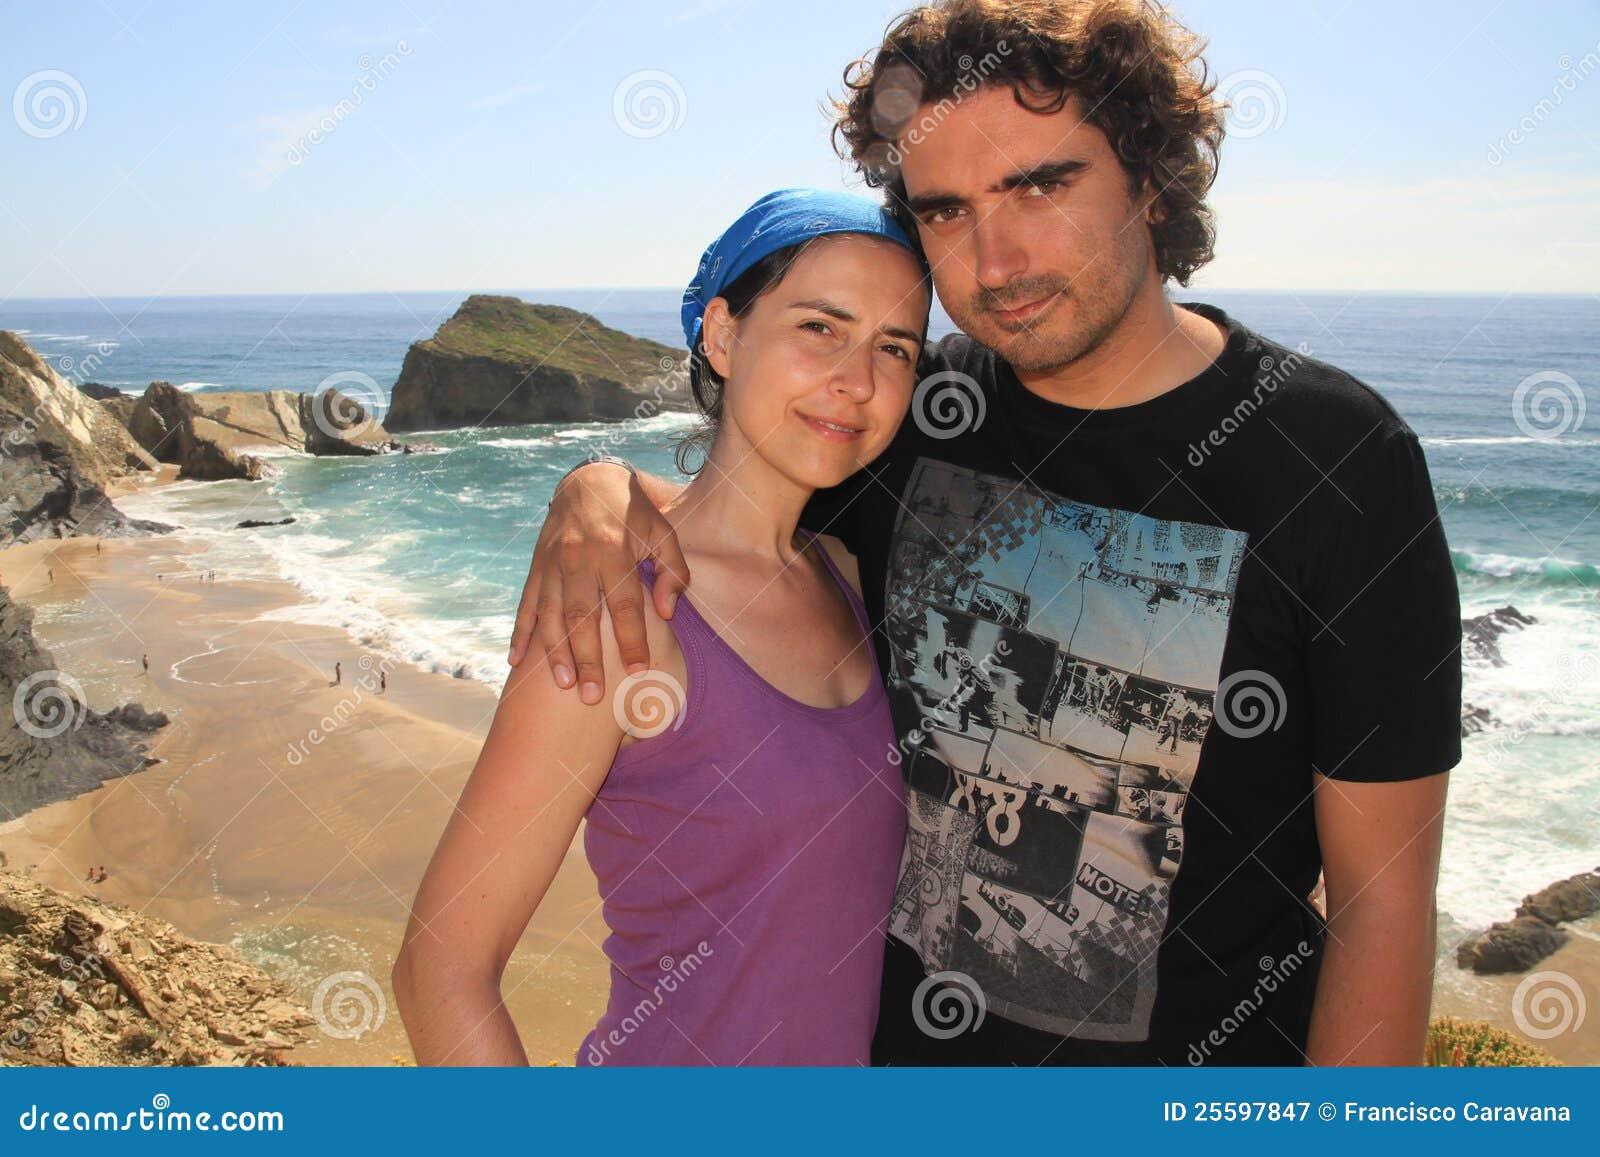 Couple and Alteirinhos beach